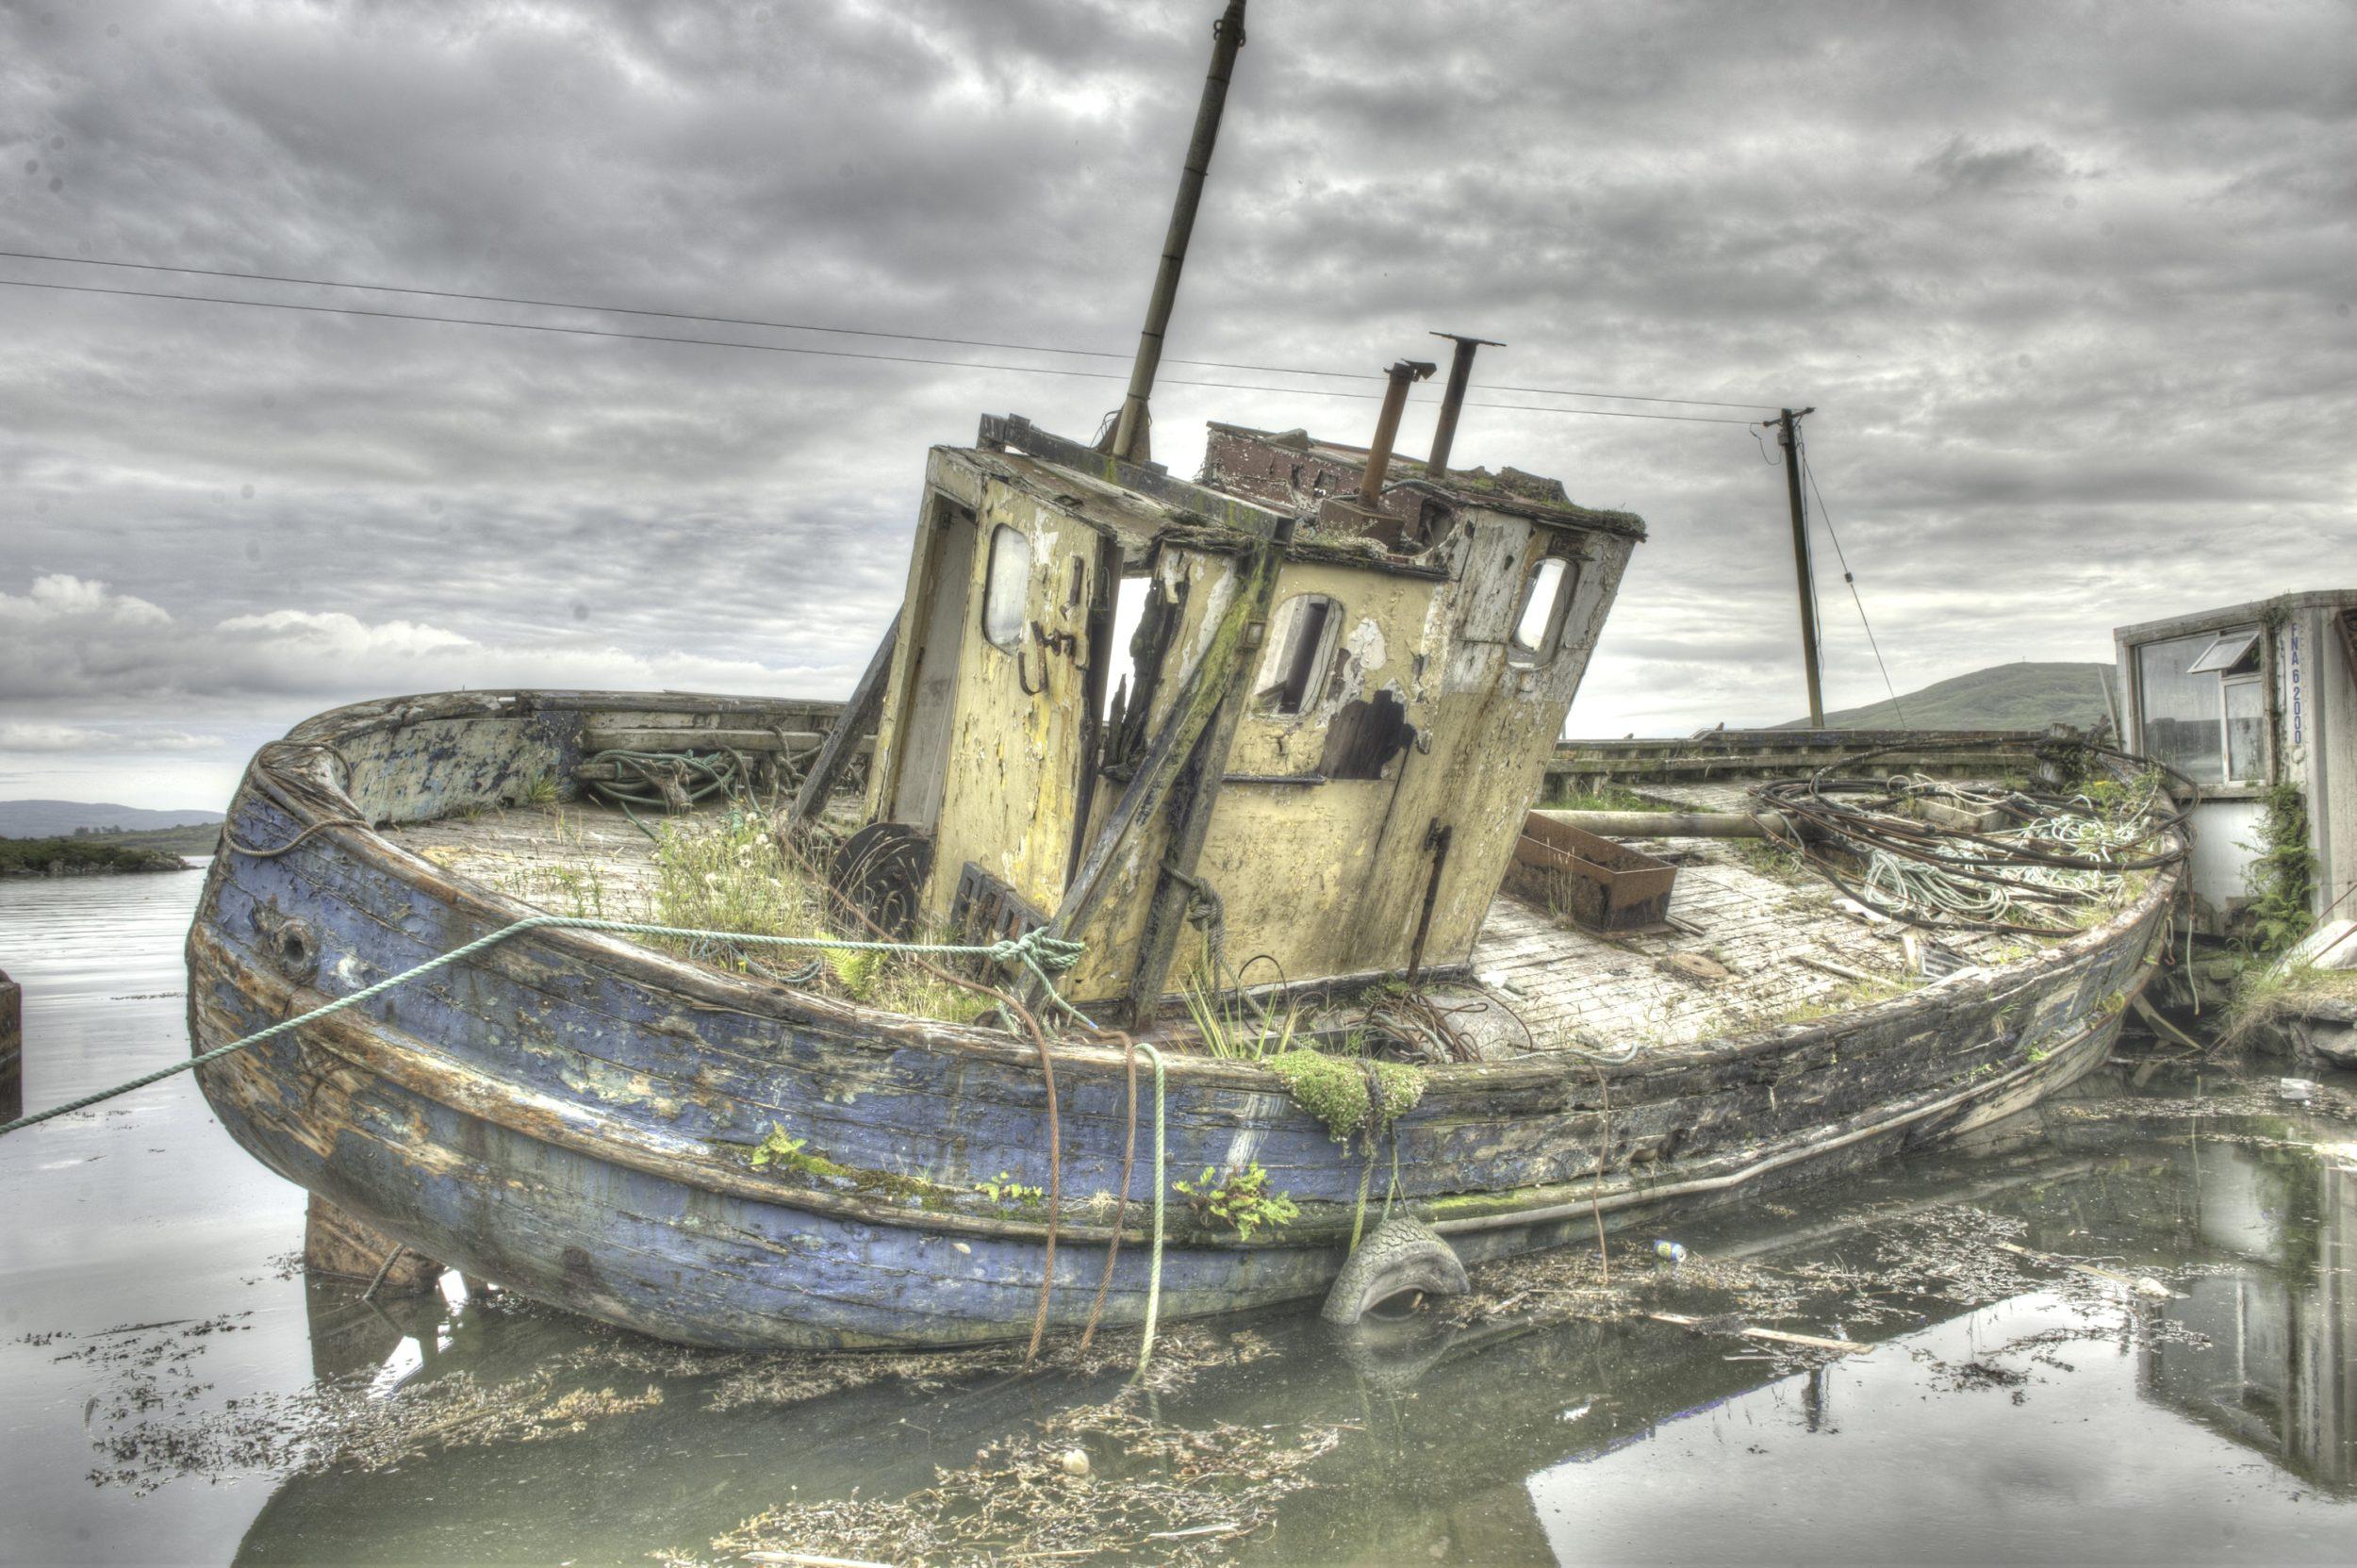 Castletownbere_boatwreck4